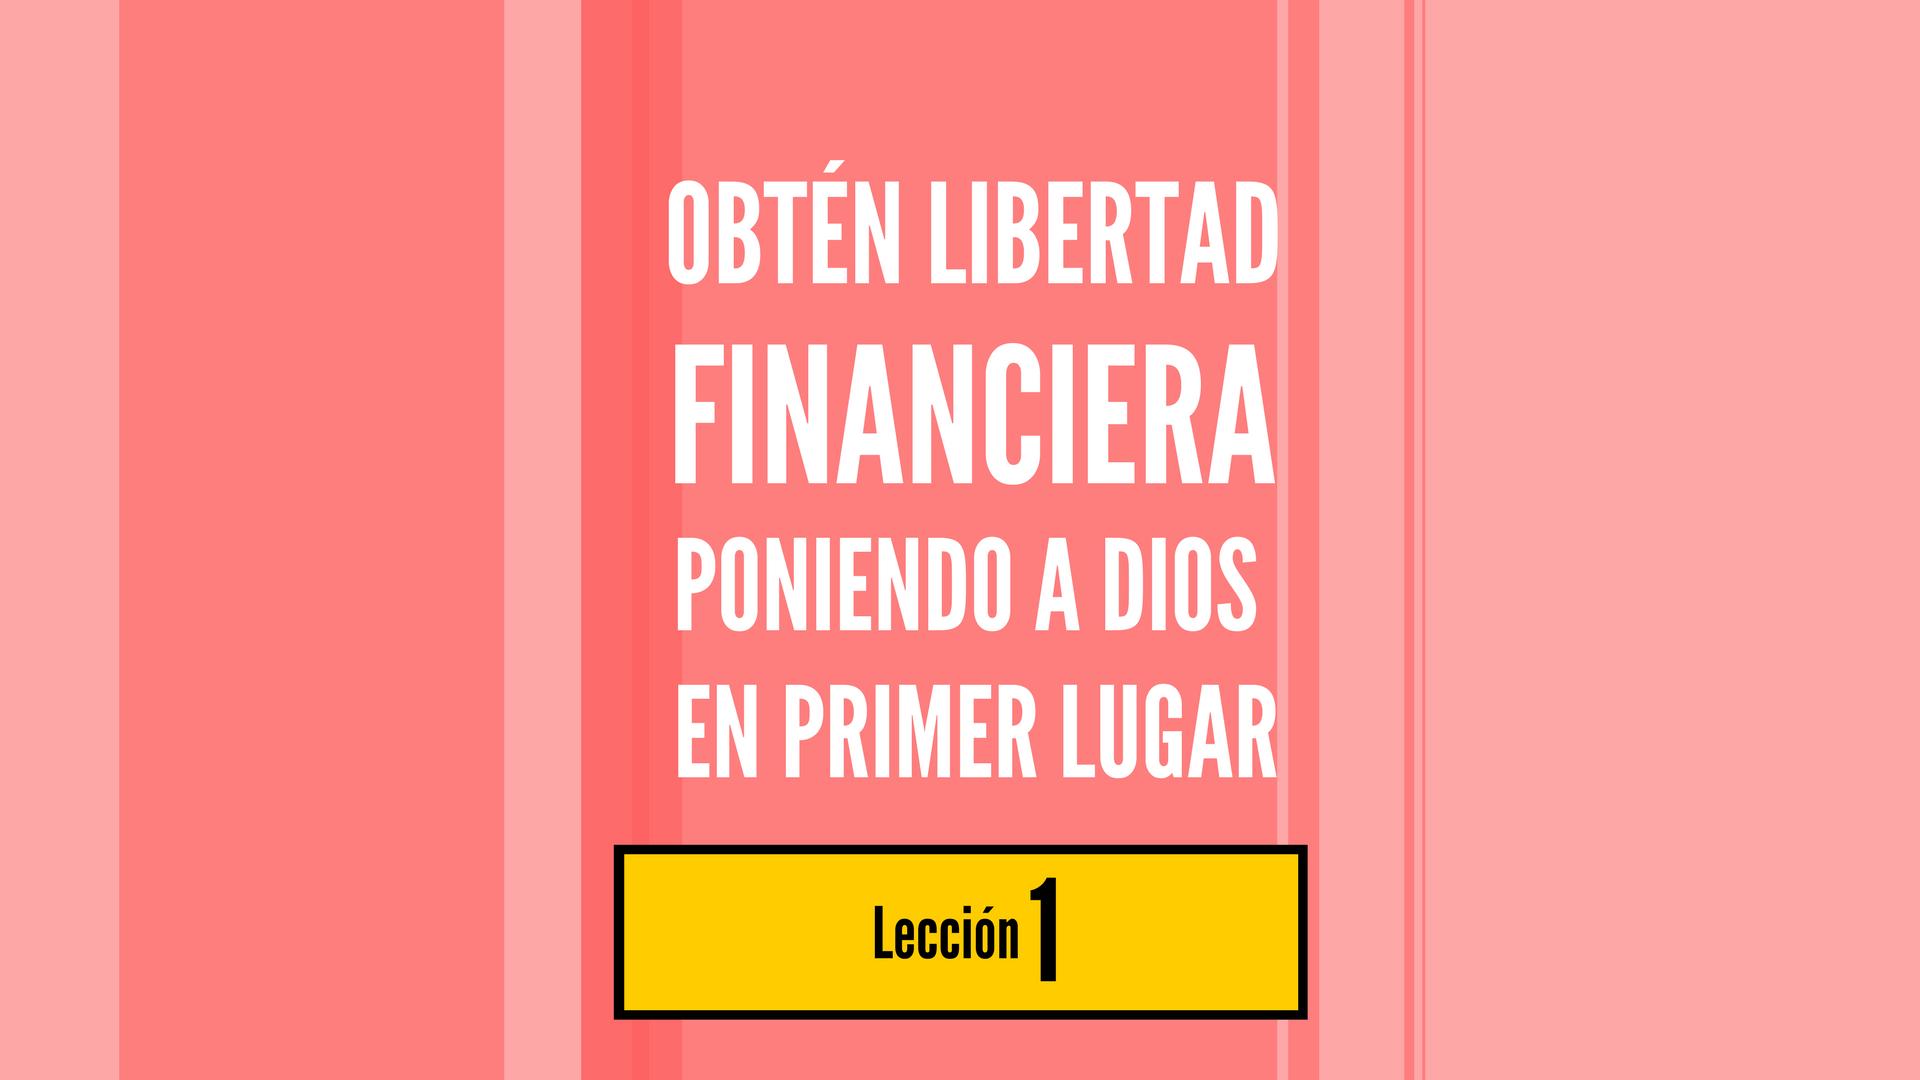 Obtén Libertad Financiera Poniendo a Dios en Primer Lugar, lección 1